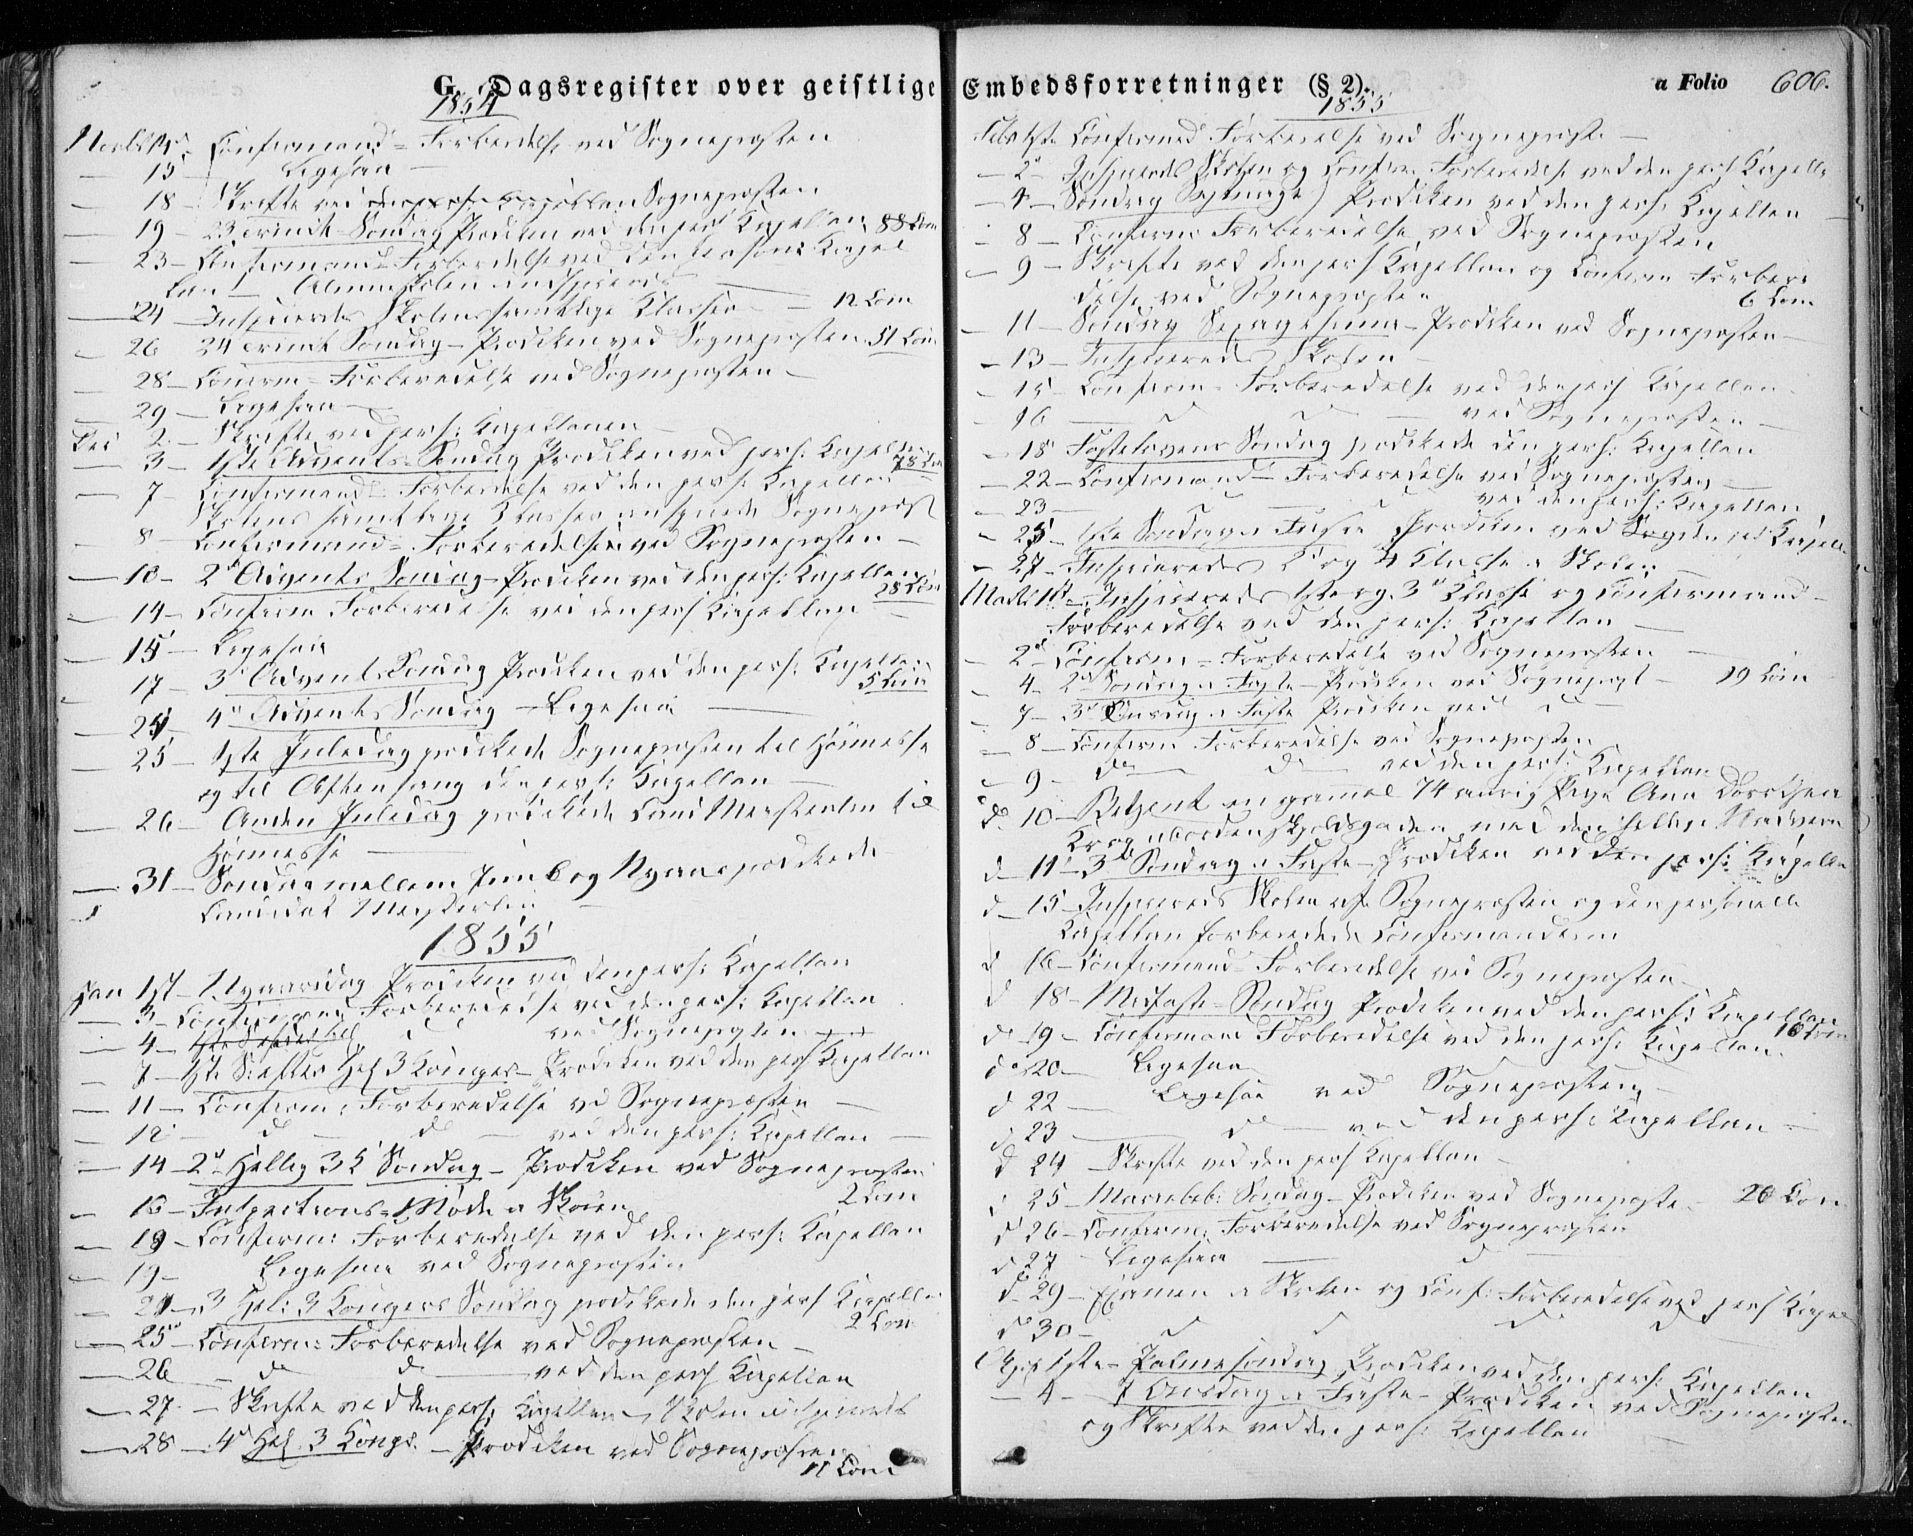 SAT, Ministerialprotokoller, klokkerbøker og fødselsregistre - Sør-Trøndelag, 601/L0051: Ministerialbok nr. 601A19, 1848-1857, s. 606